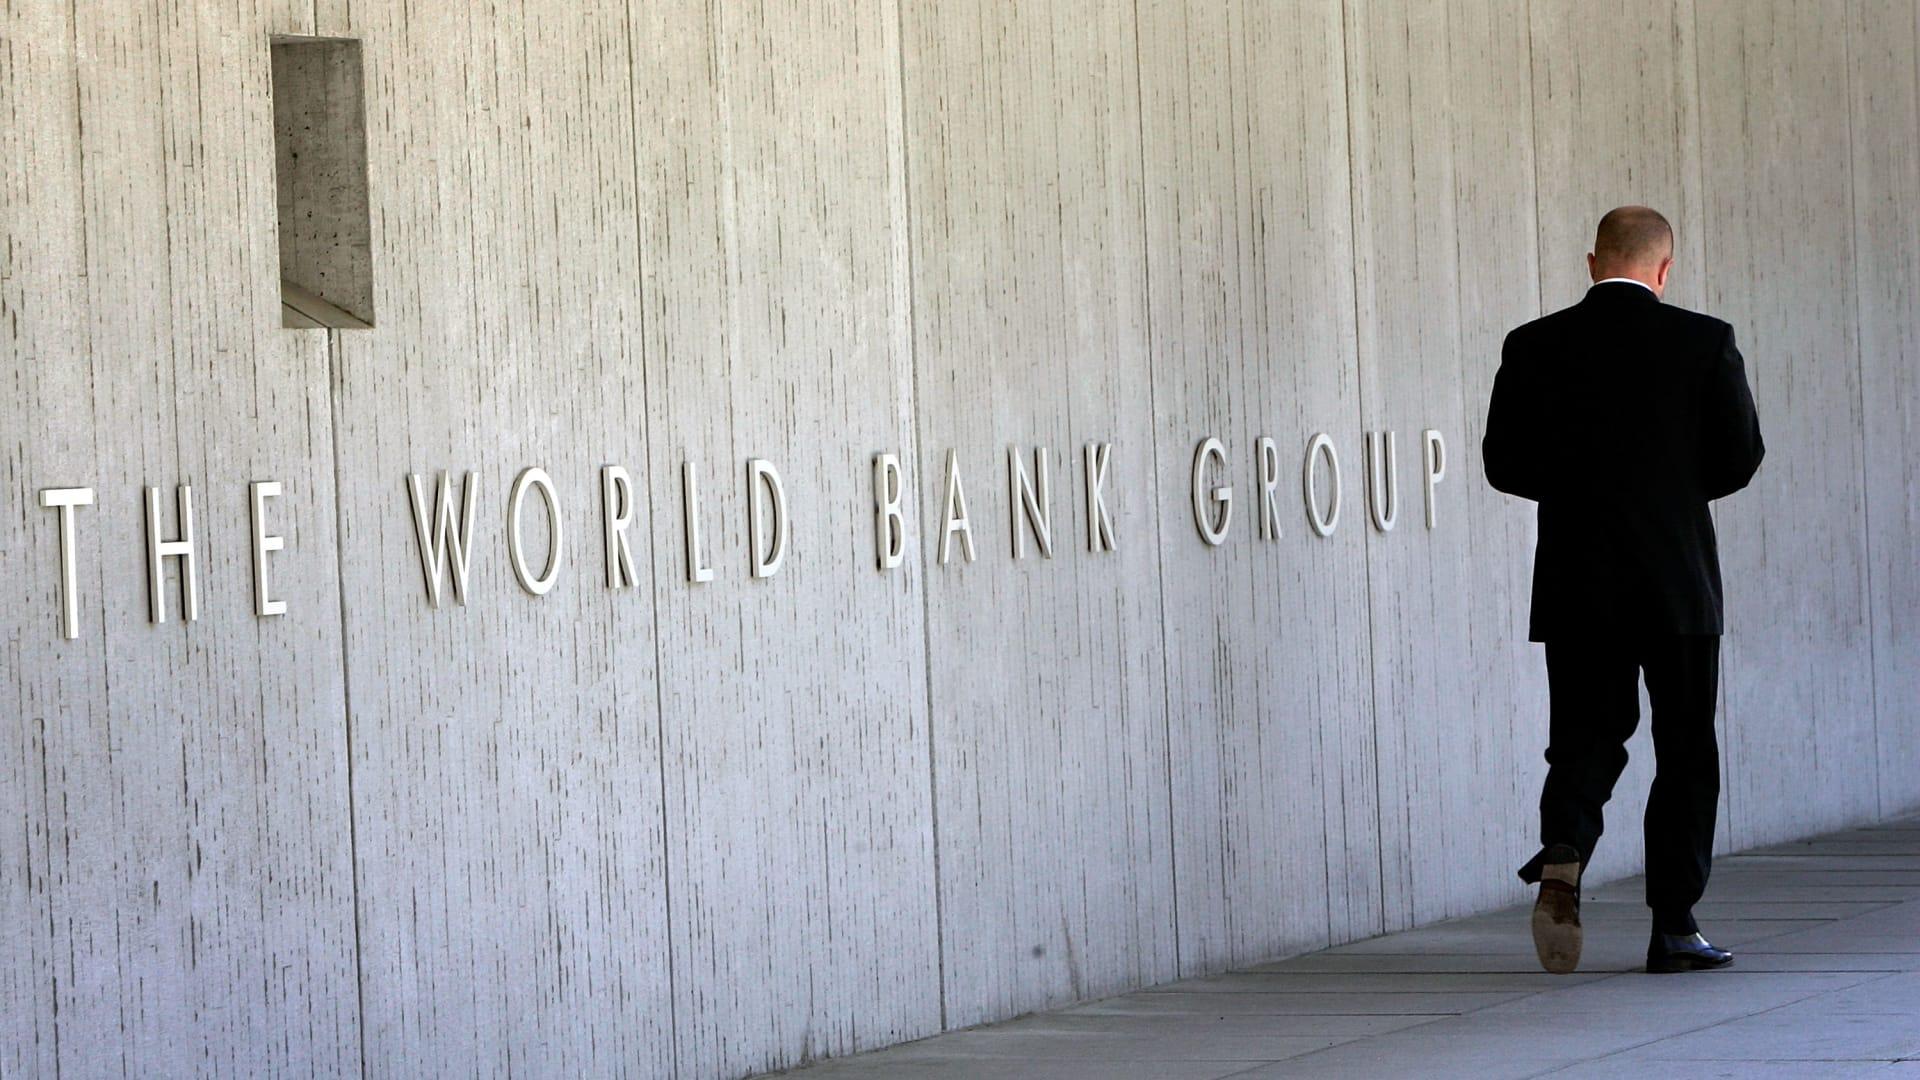 البنك الدولي يمنح موريتانيا 70 مليون دولار لمواجهة أزمة كورونا